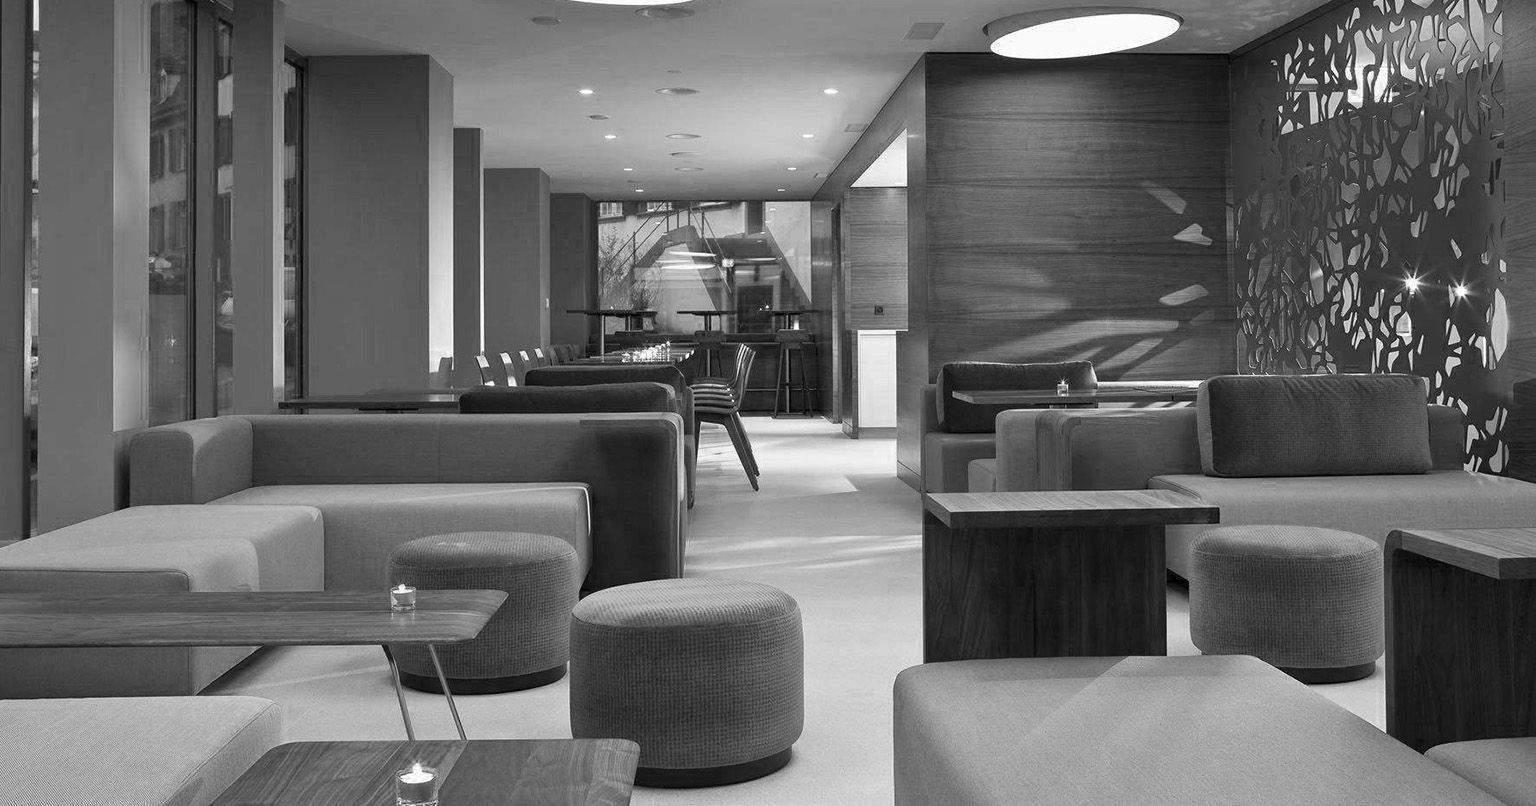 Réception de l'Hôtel de Charme Bâle· Hôtel D4 étoiles au centre ville de Bâle